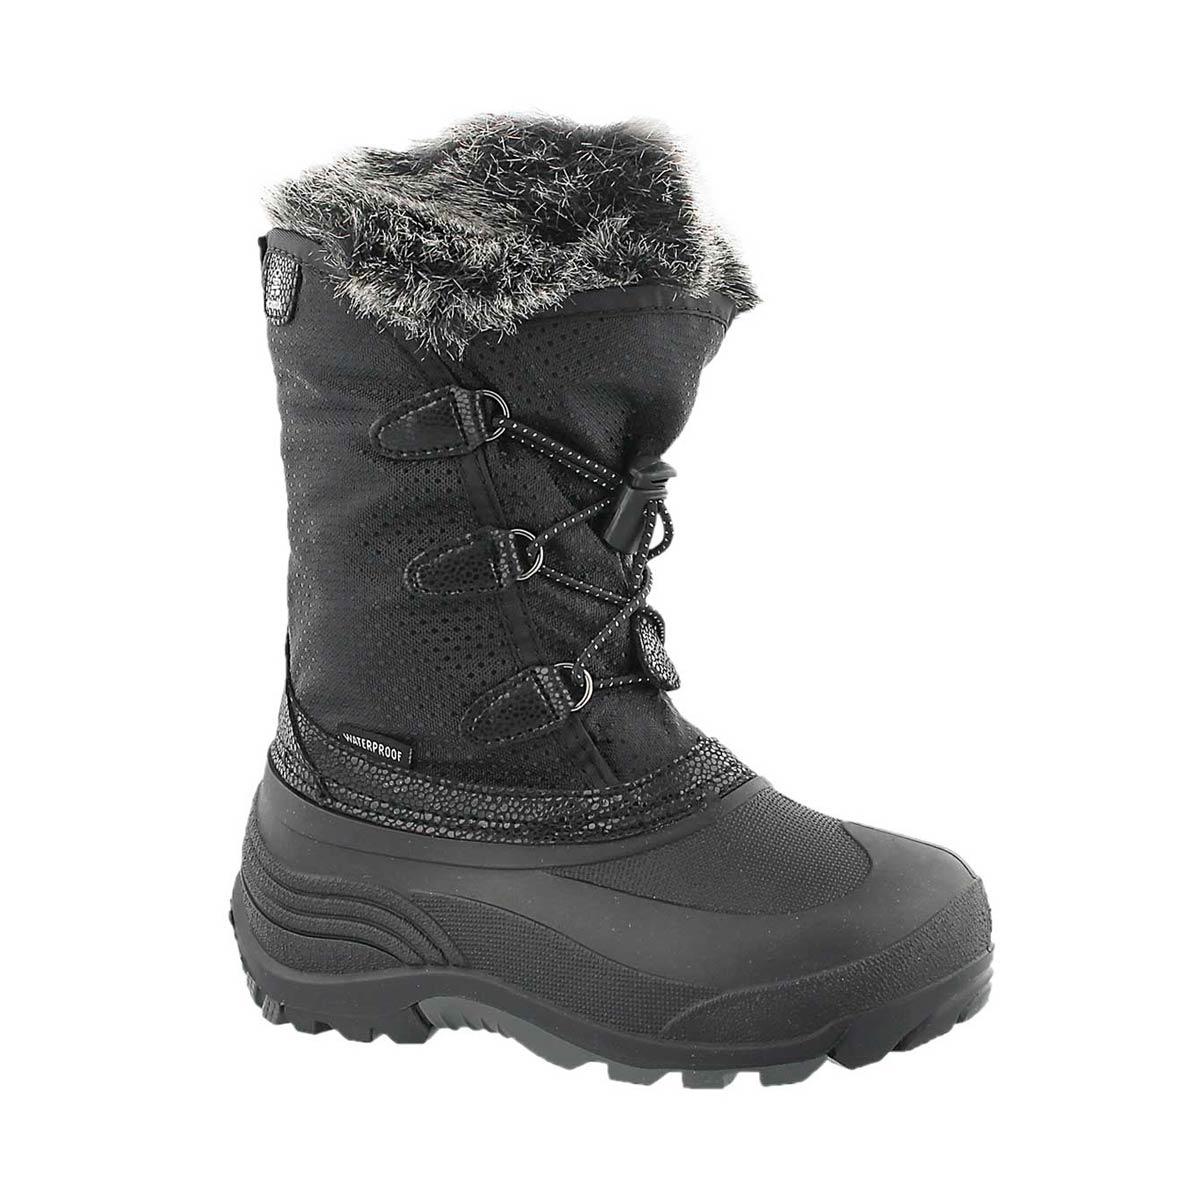 Girls' POWDERY black waterproof winter boots